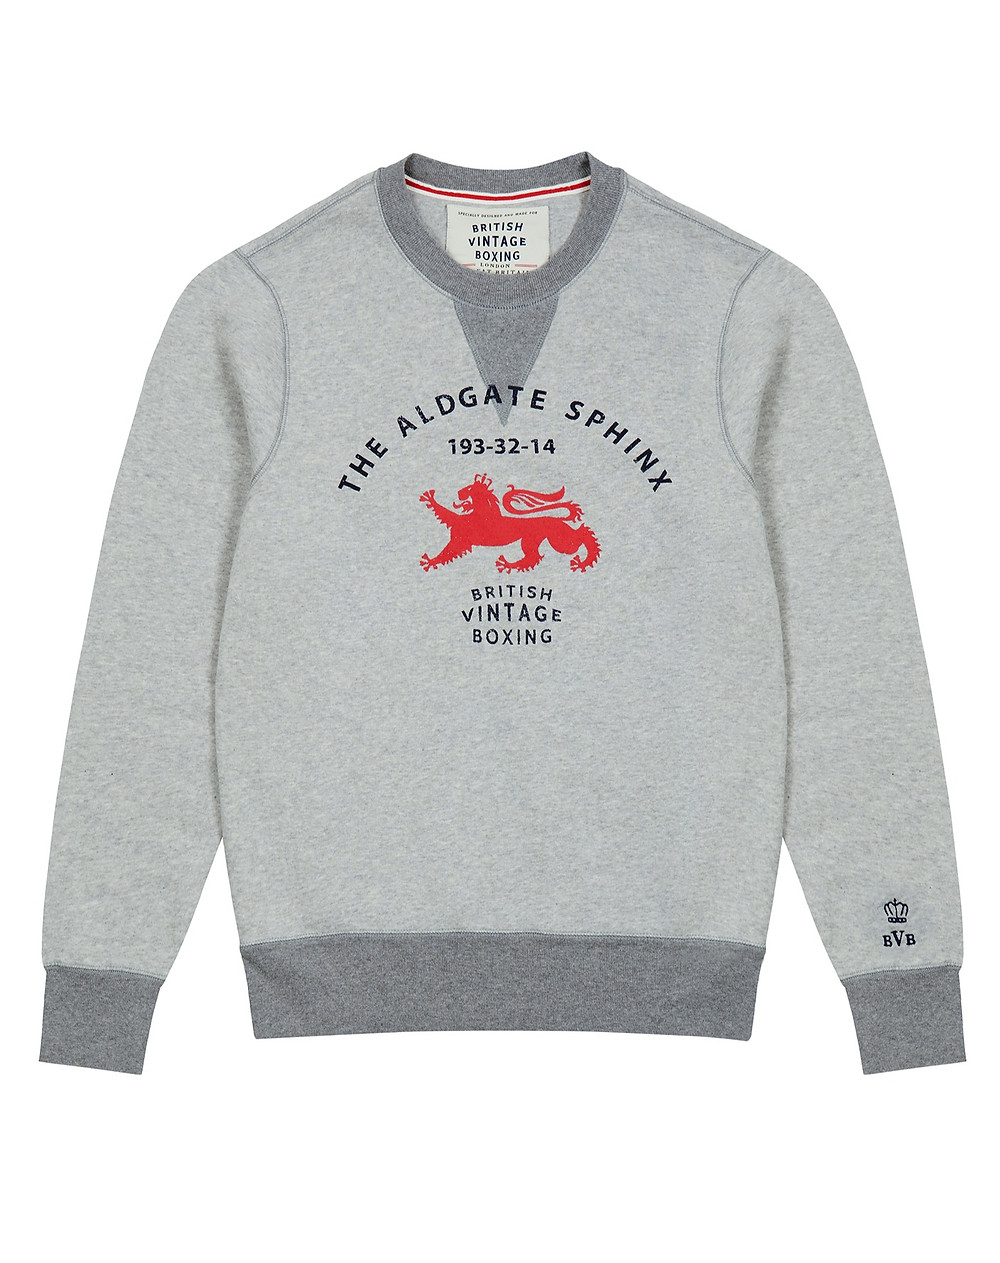 Queensbery 'Aldgate Sphinx' boxing inspired sweatshirt